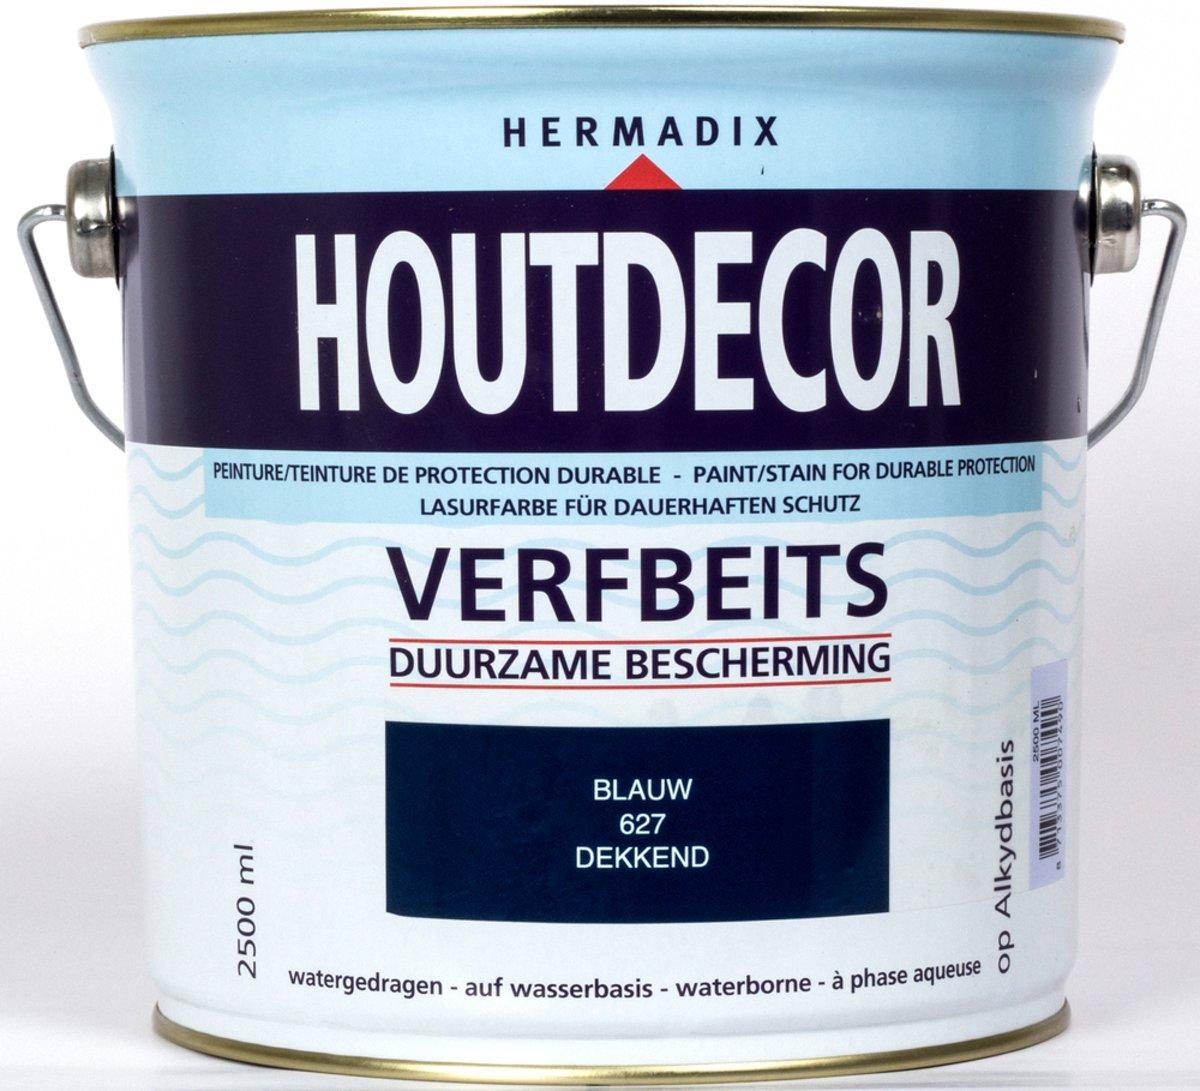 Hermadix Houtdecor Verfbeits dekkend - 2,5 liter - 627 Blauw